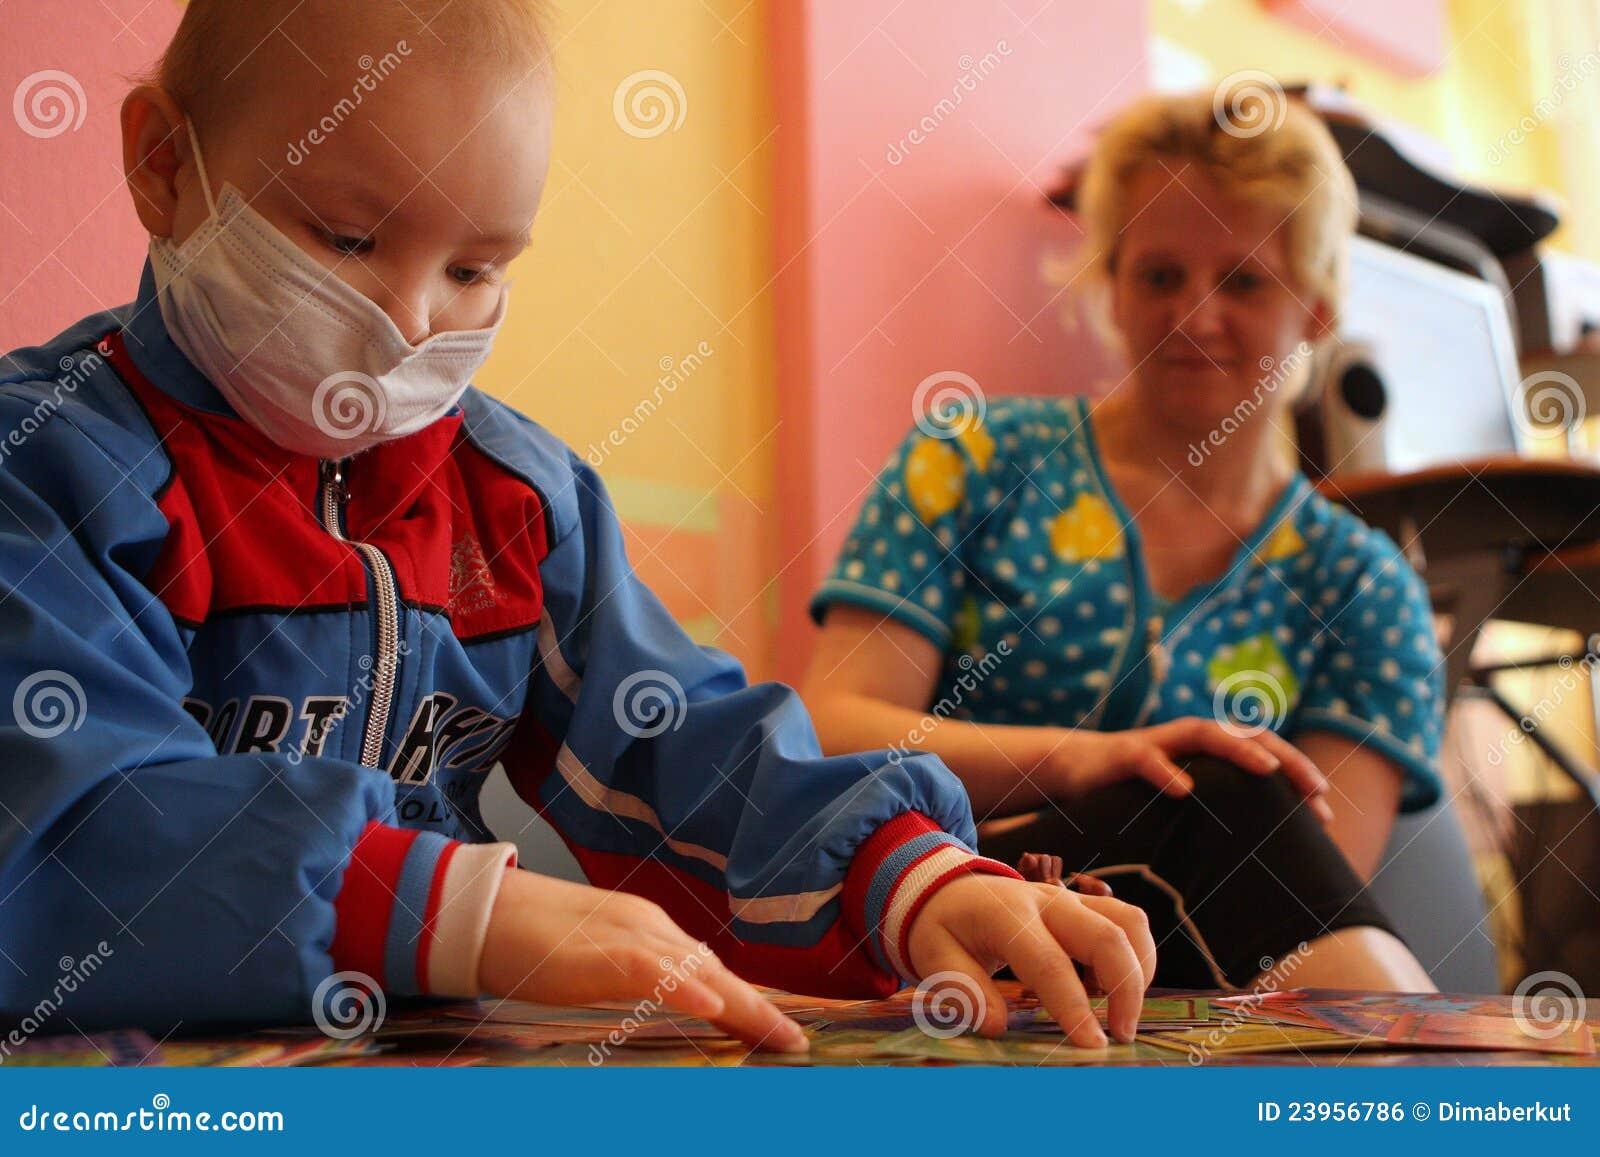 ... : Giochi da bambini nella stanza di gioco dei bambini sull ospedale